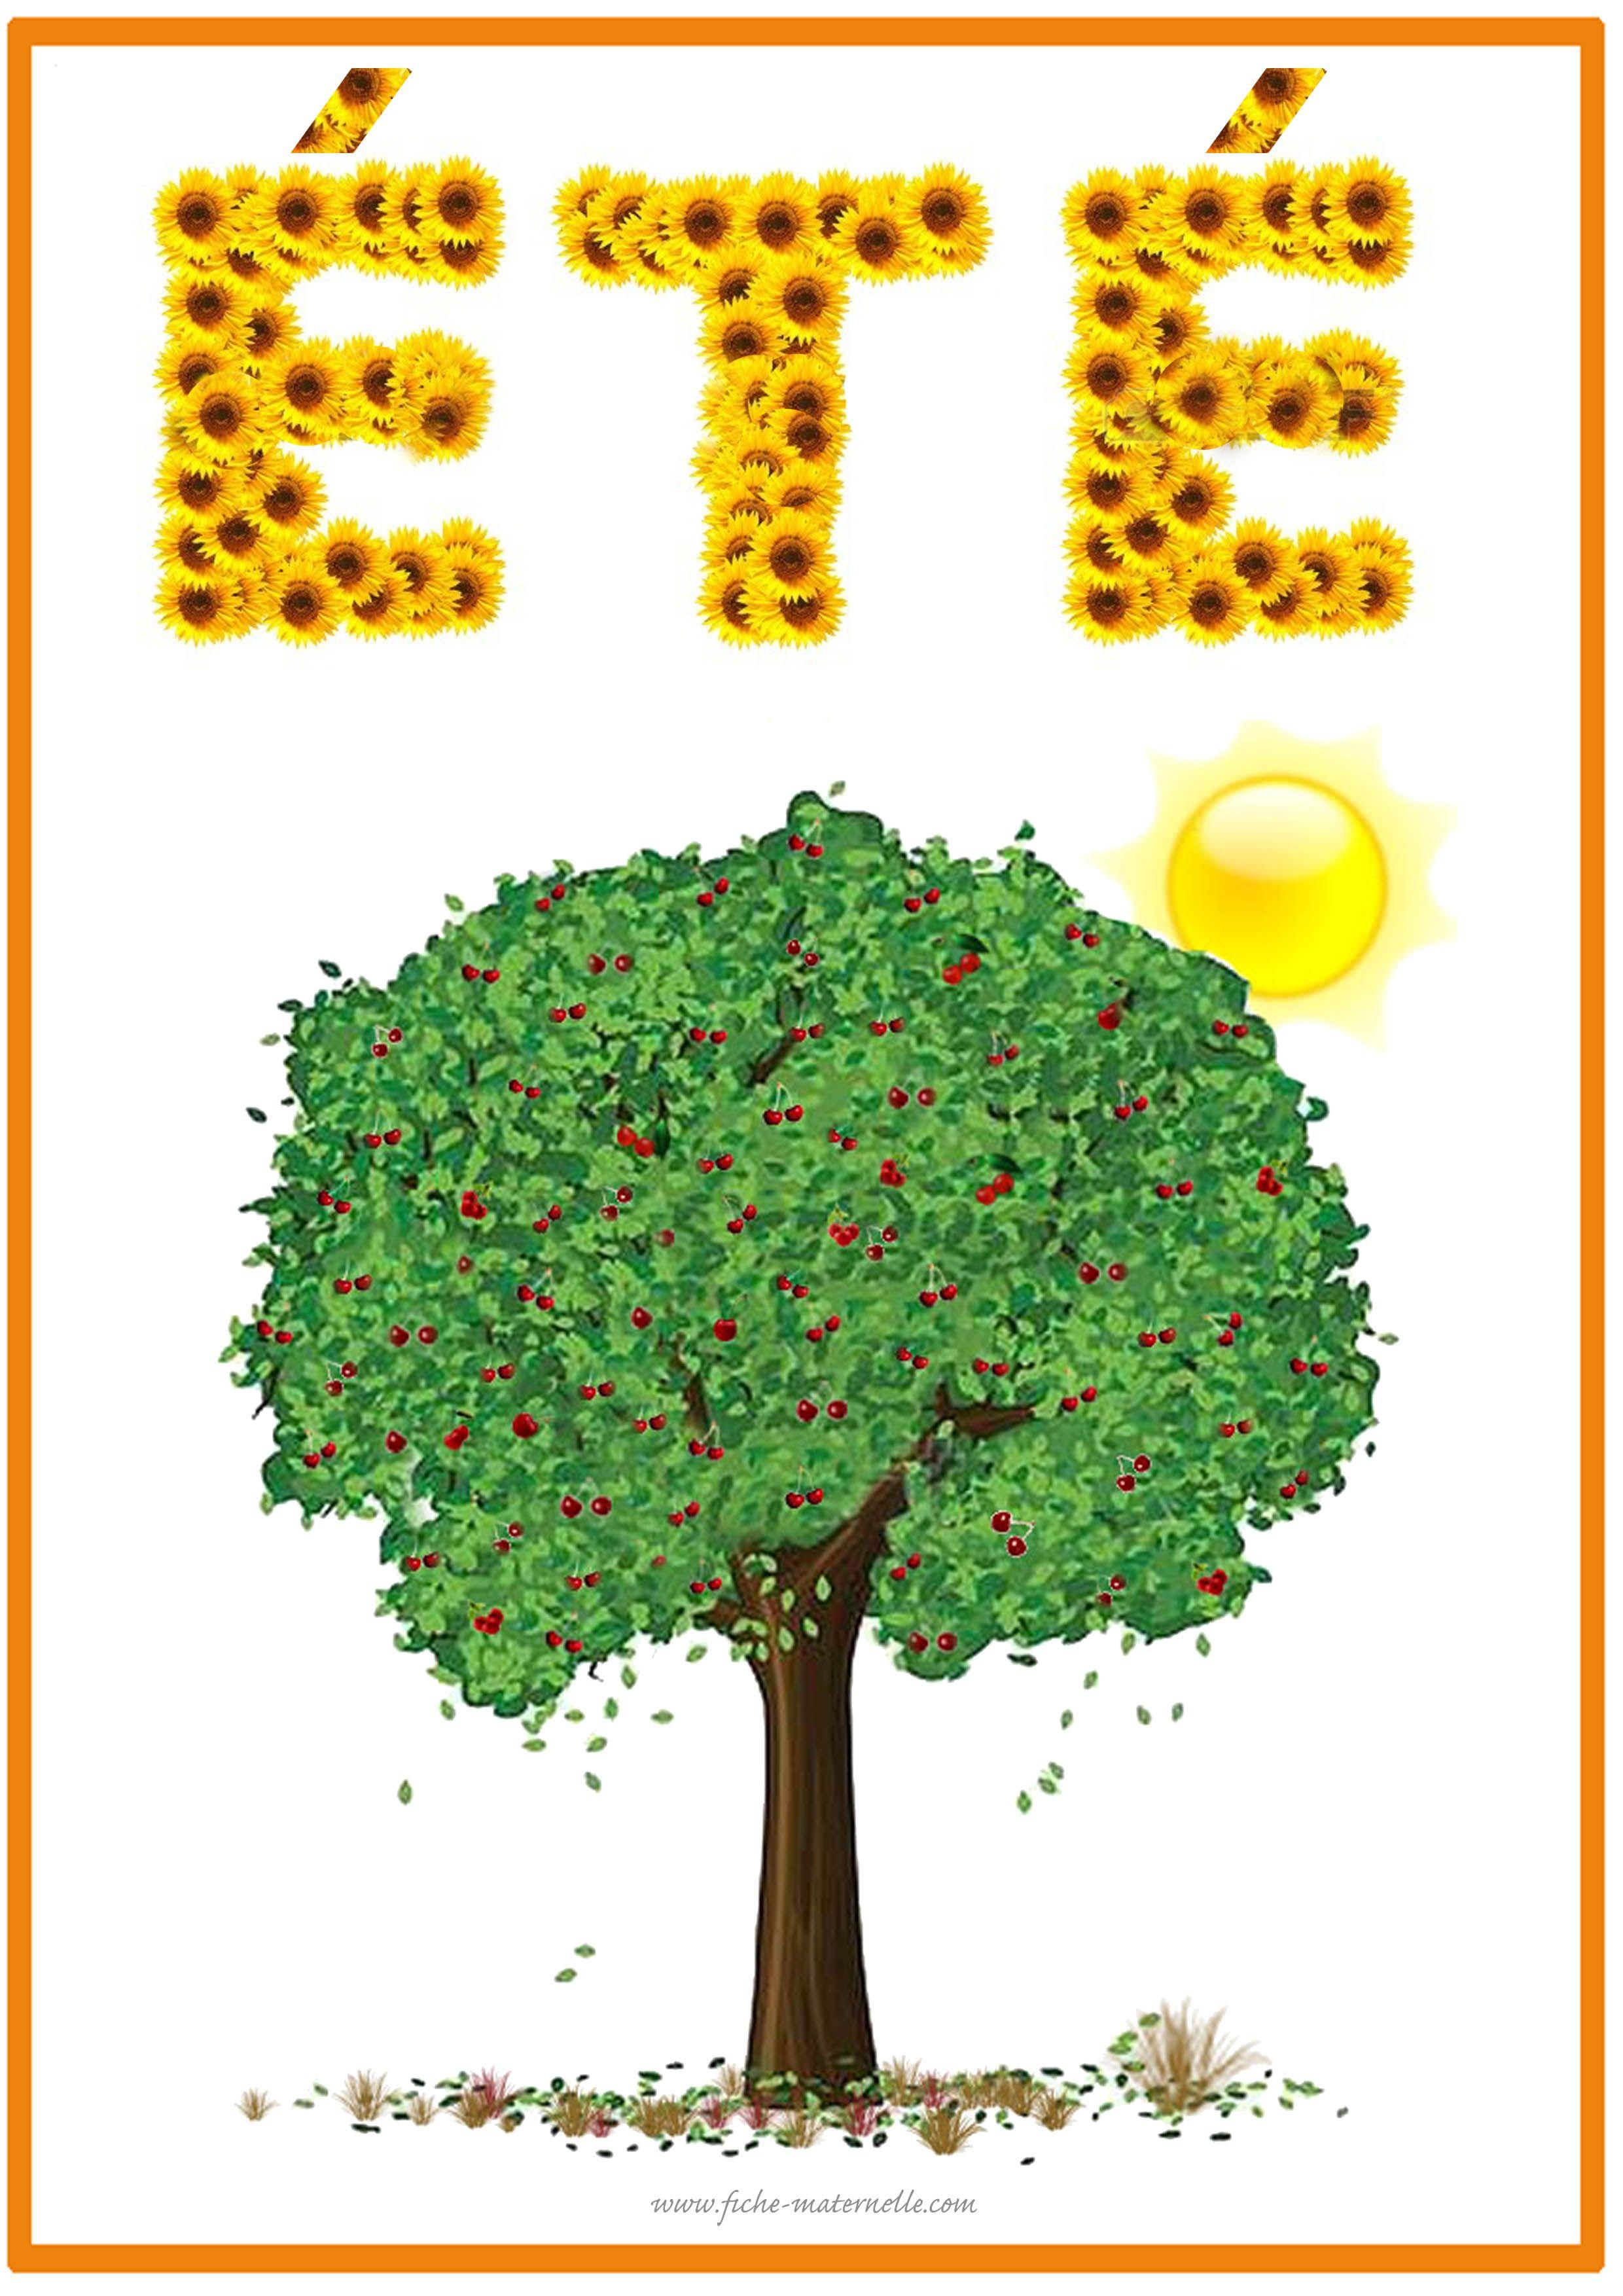 Affichage Des Saisons En Maternelle Saisons Maternelles Affichage Maternelle Les Quatre Saisons